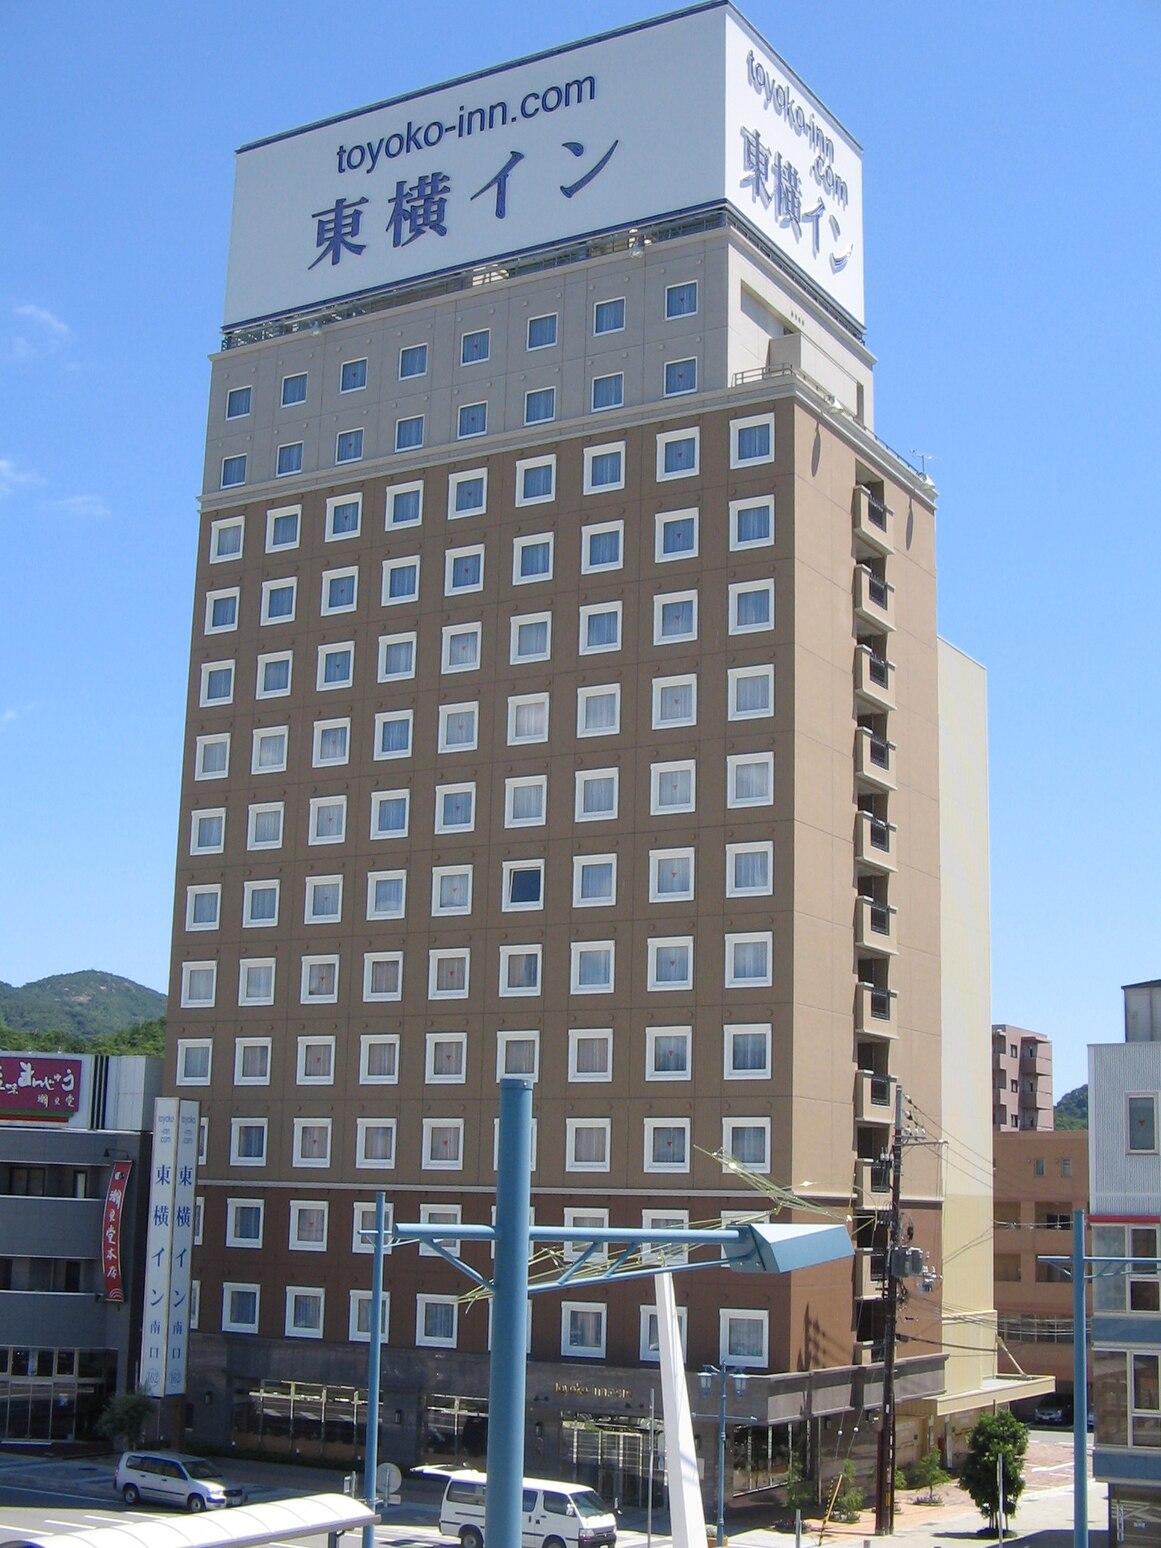 東横イン相生駅新幹線口の外観